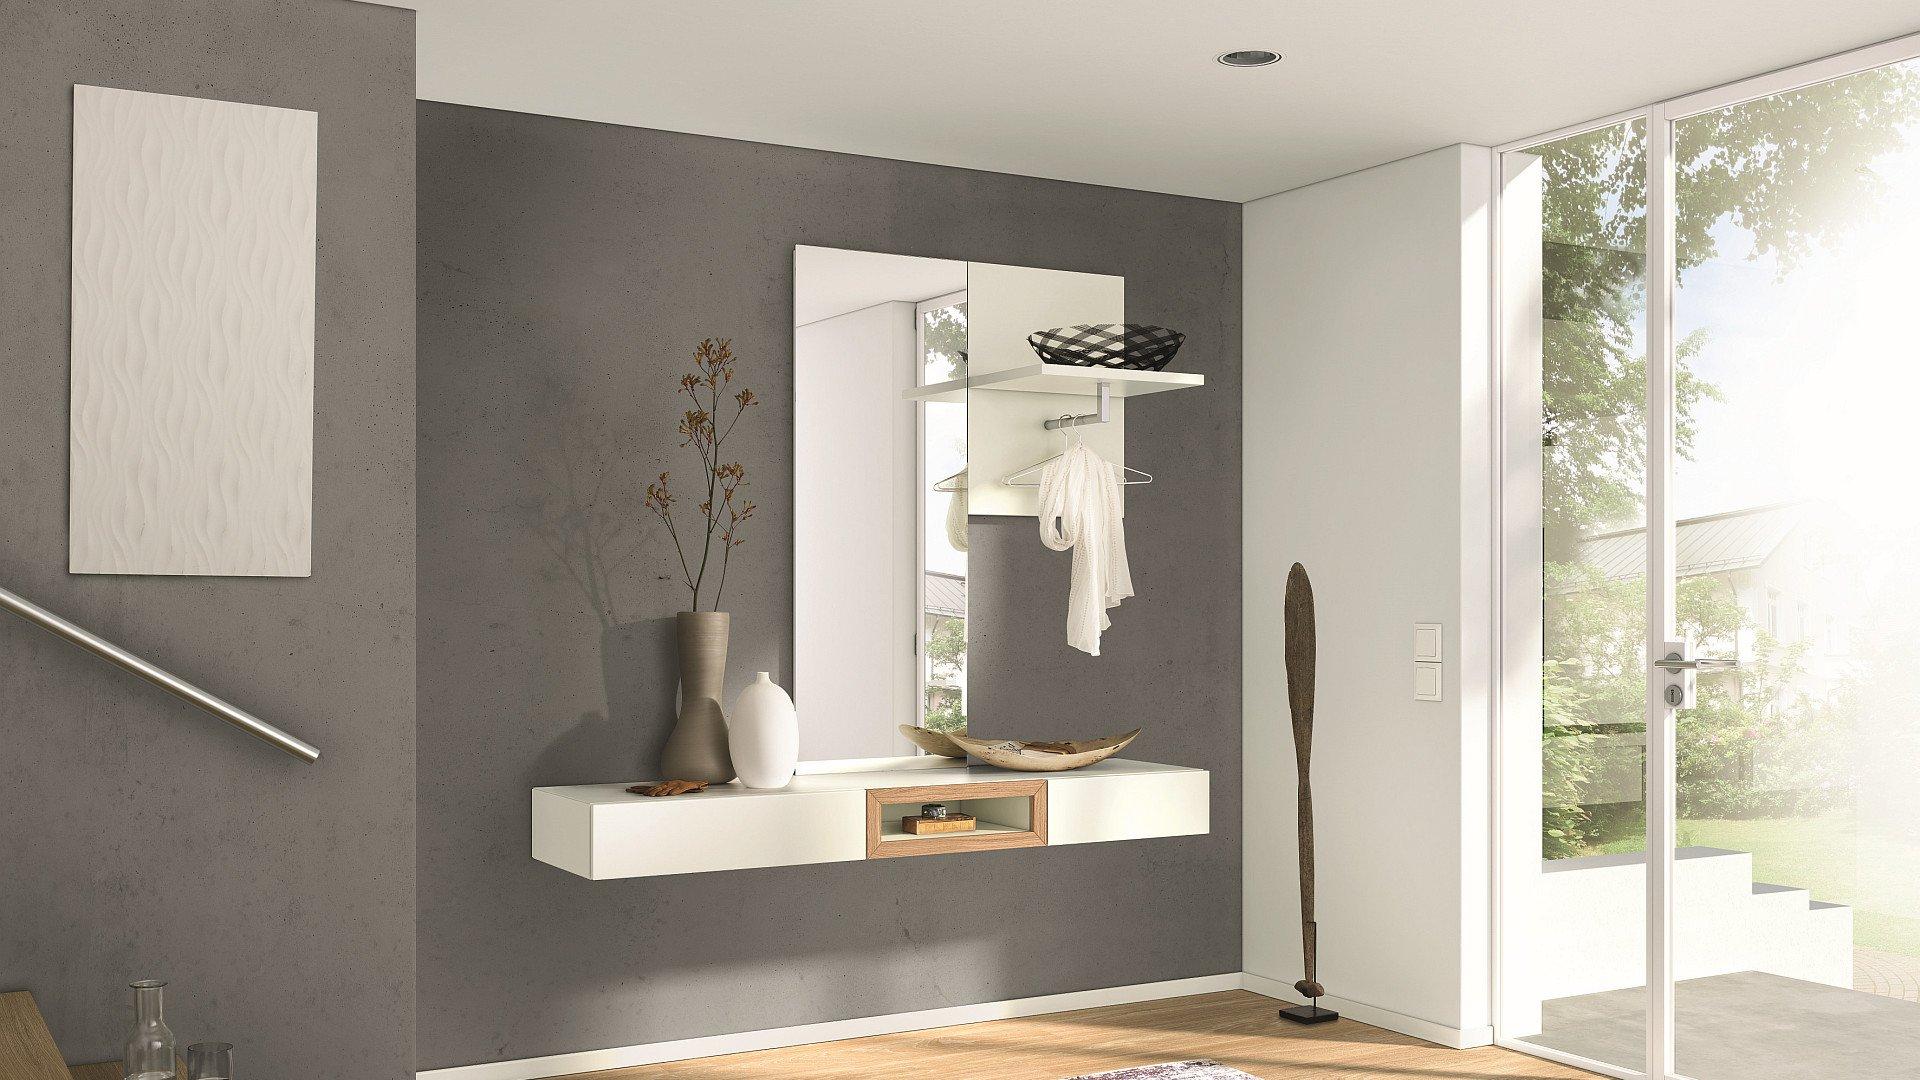 Зеркало с полкой в прихожую: настенное, для коридора, фото.